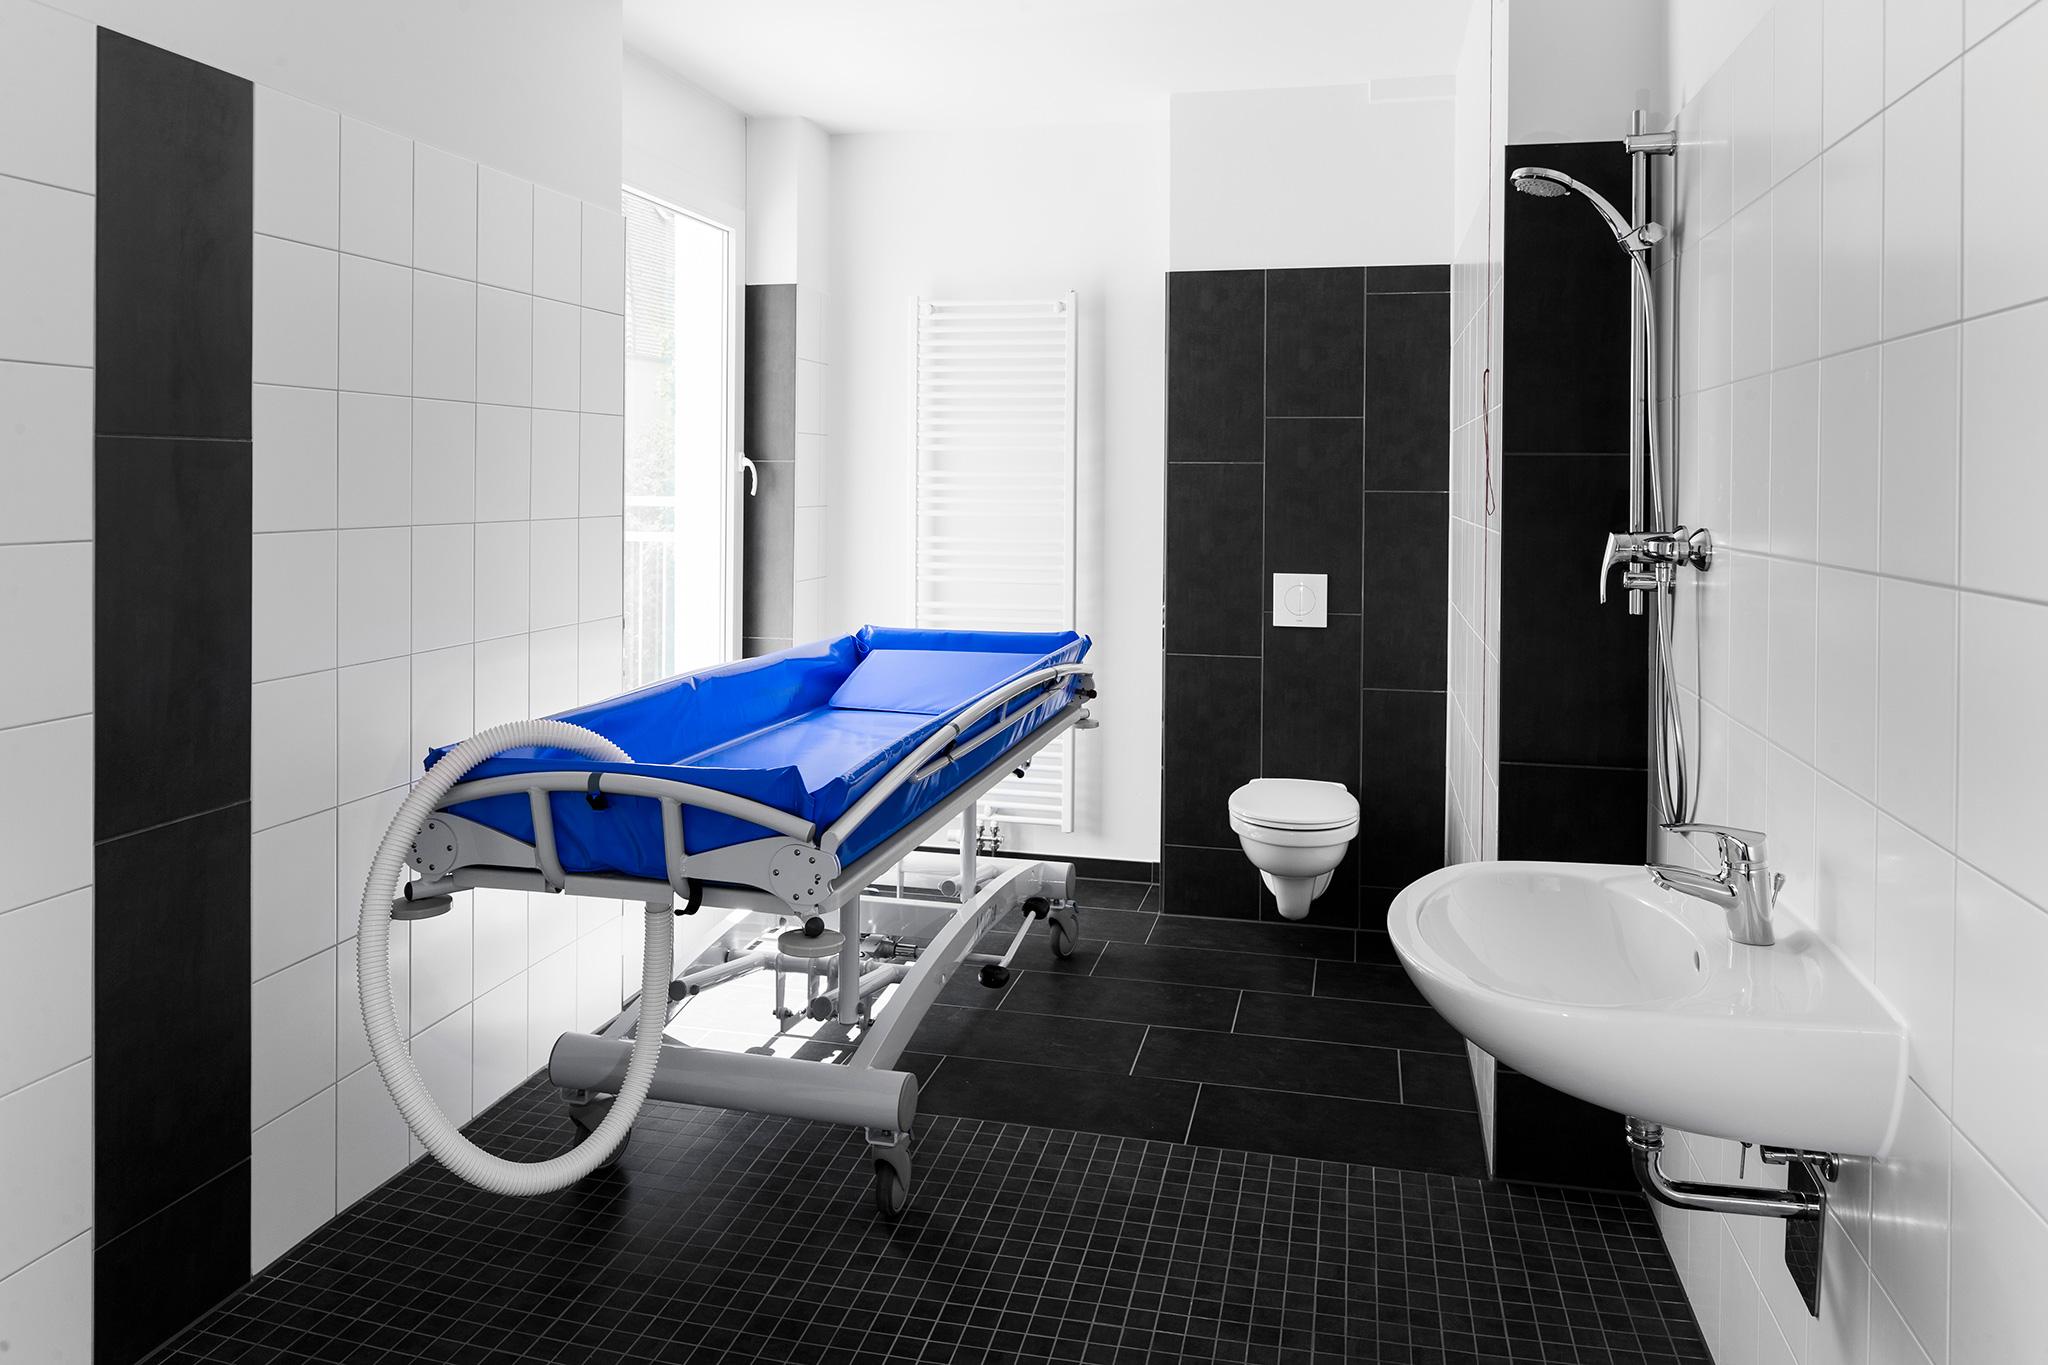 moderne sanitäre Einrichtungen